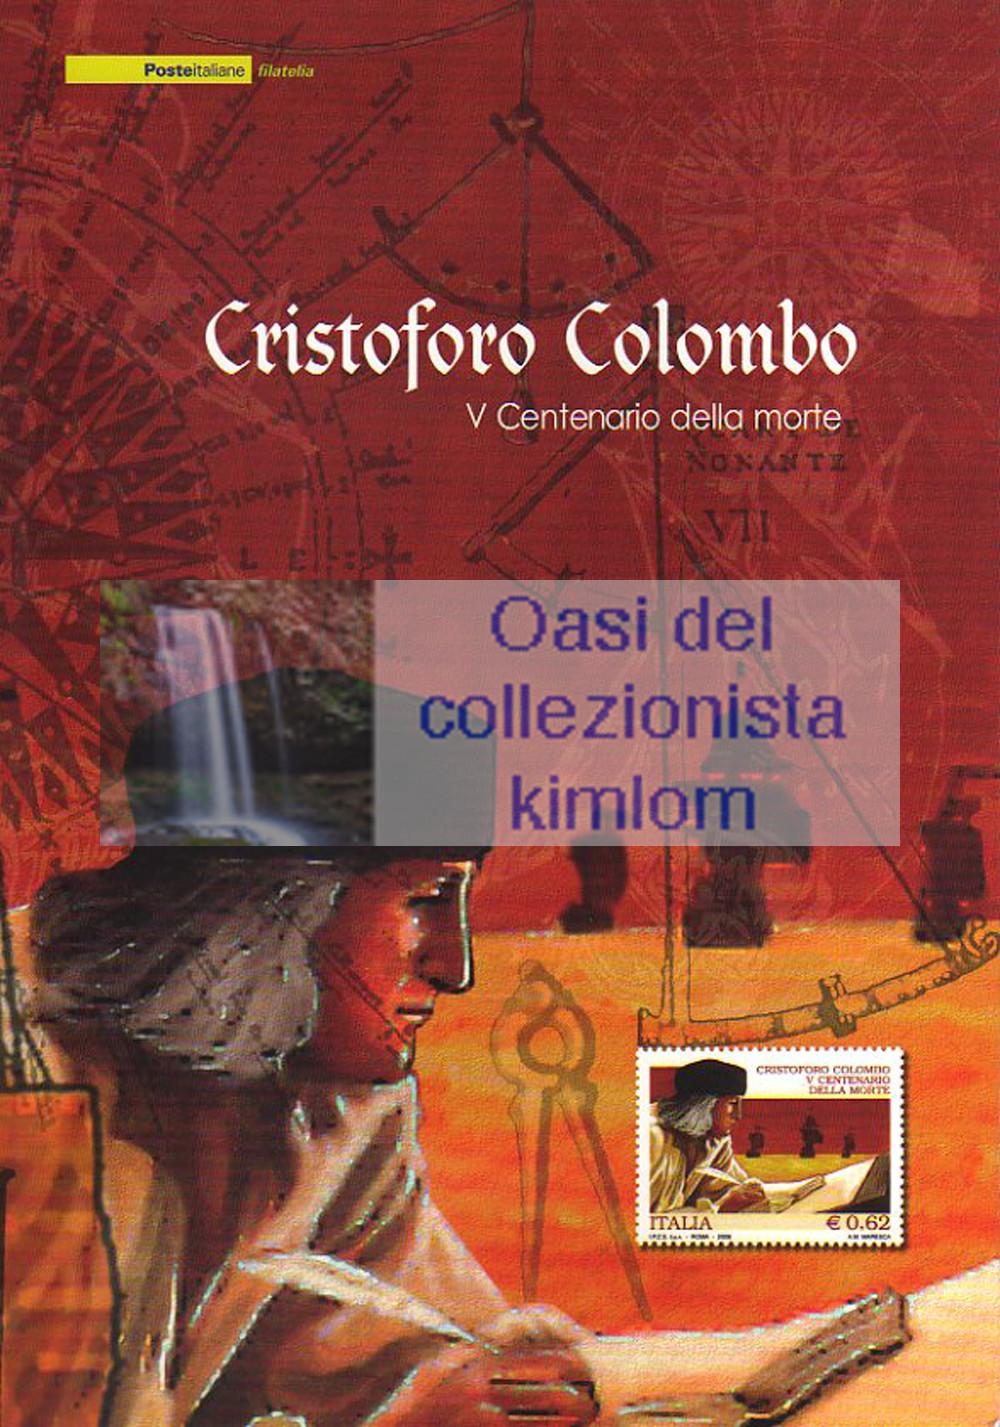 folder - Cristoforo Colombo V° centenario della morte